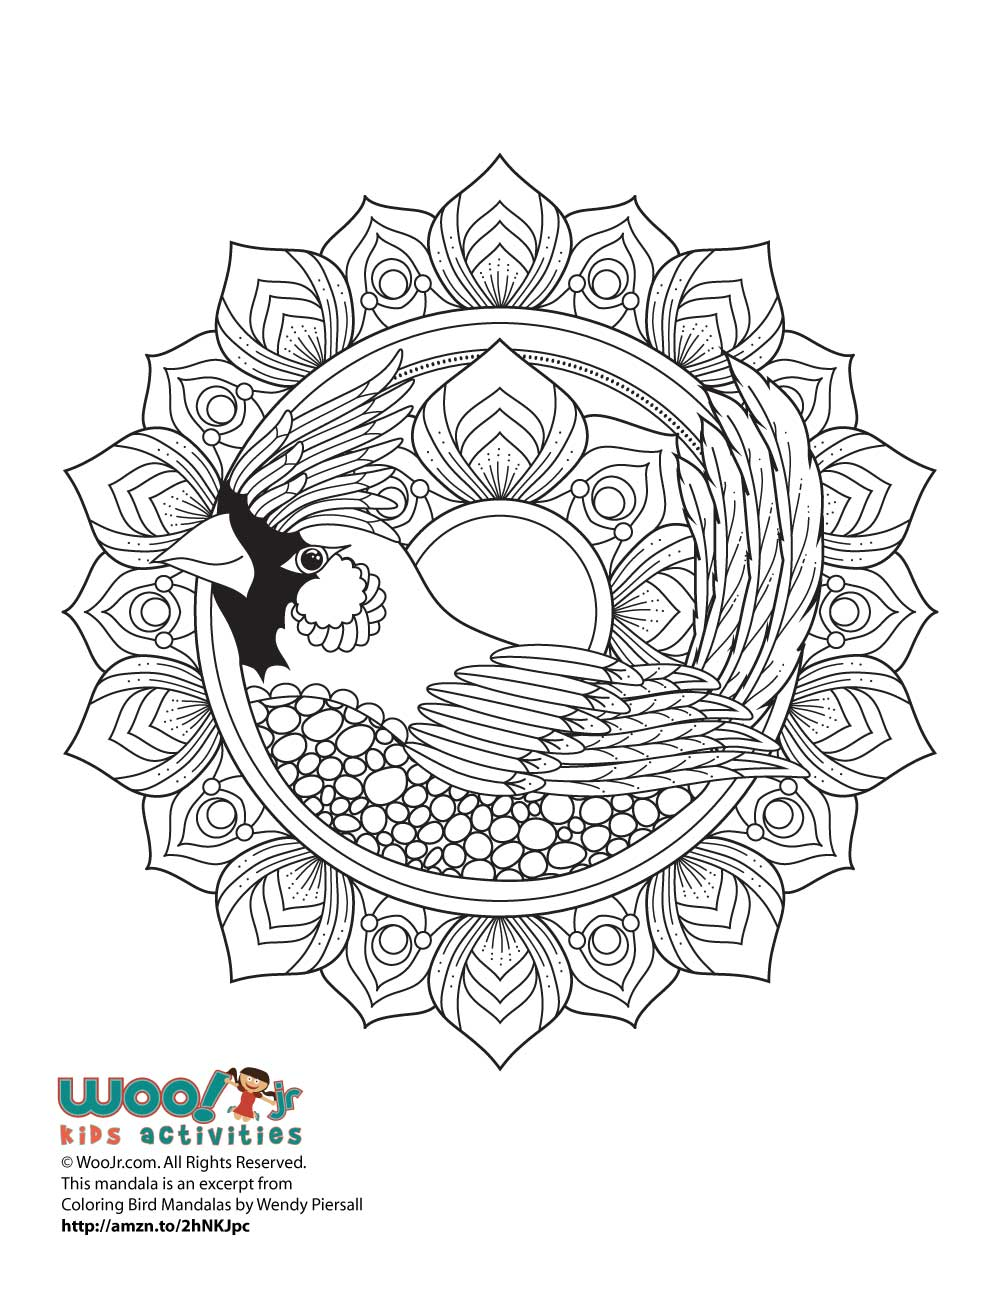 Cardinal Bird Mandala Adult Coloring Page | Woo! Jr. Kids ...